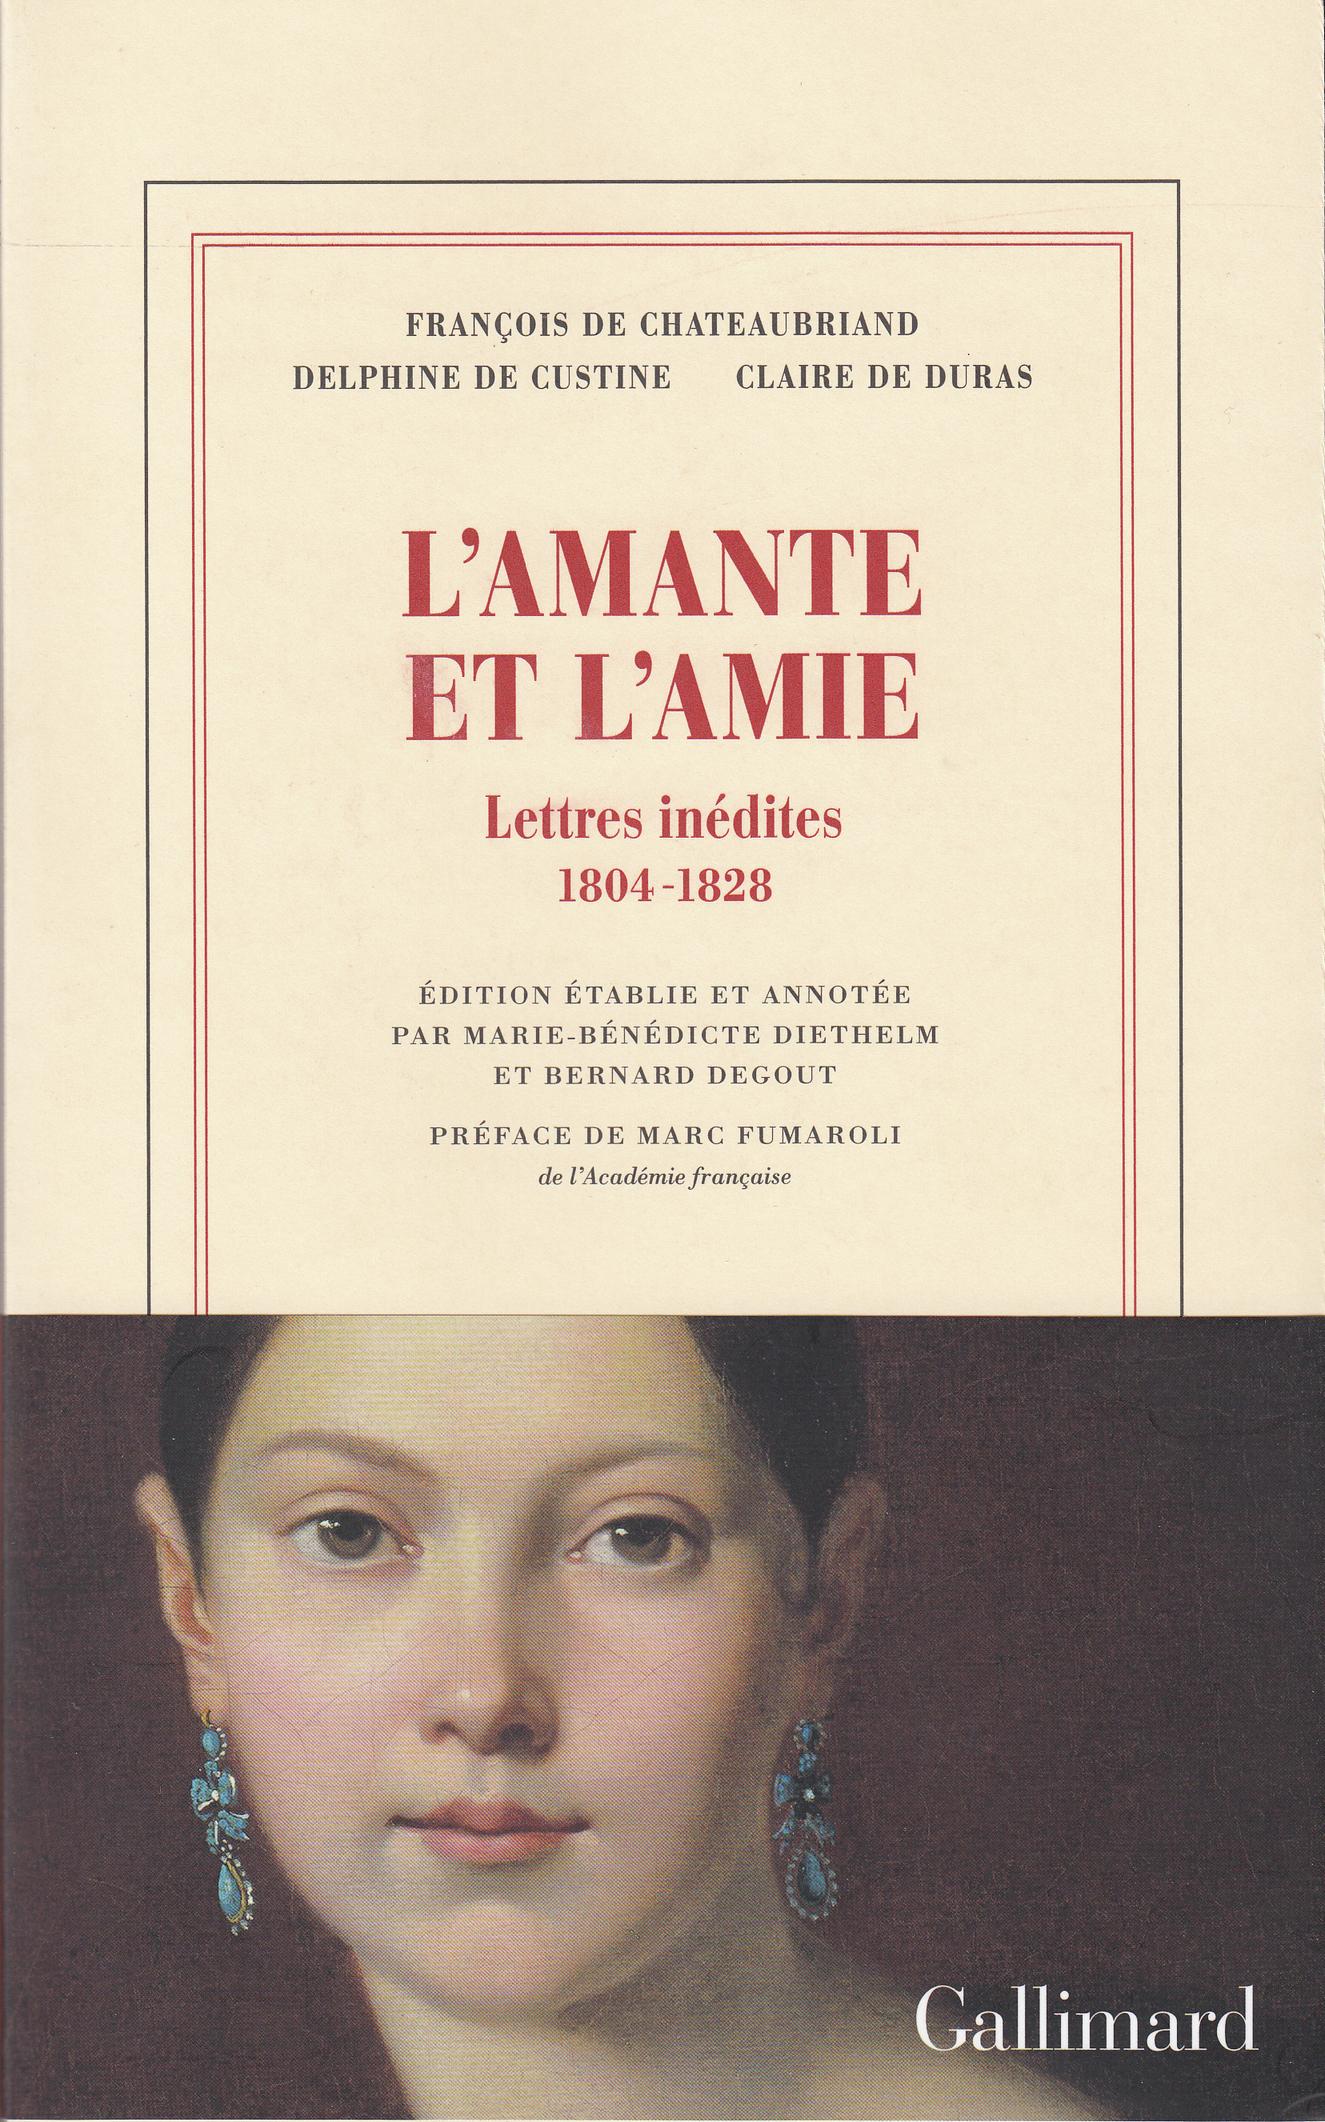 L'AMANTE ET L'AMIE